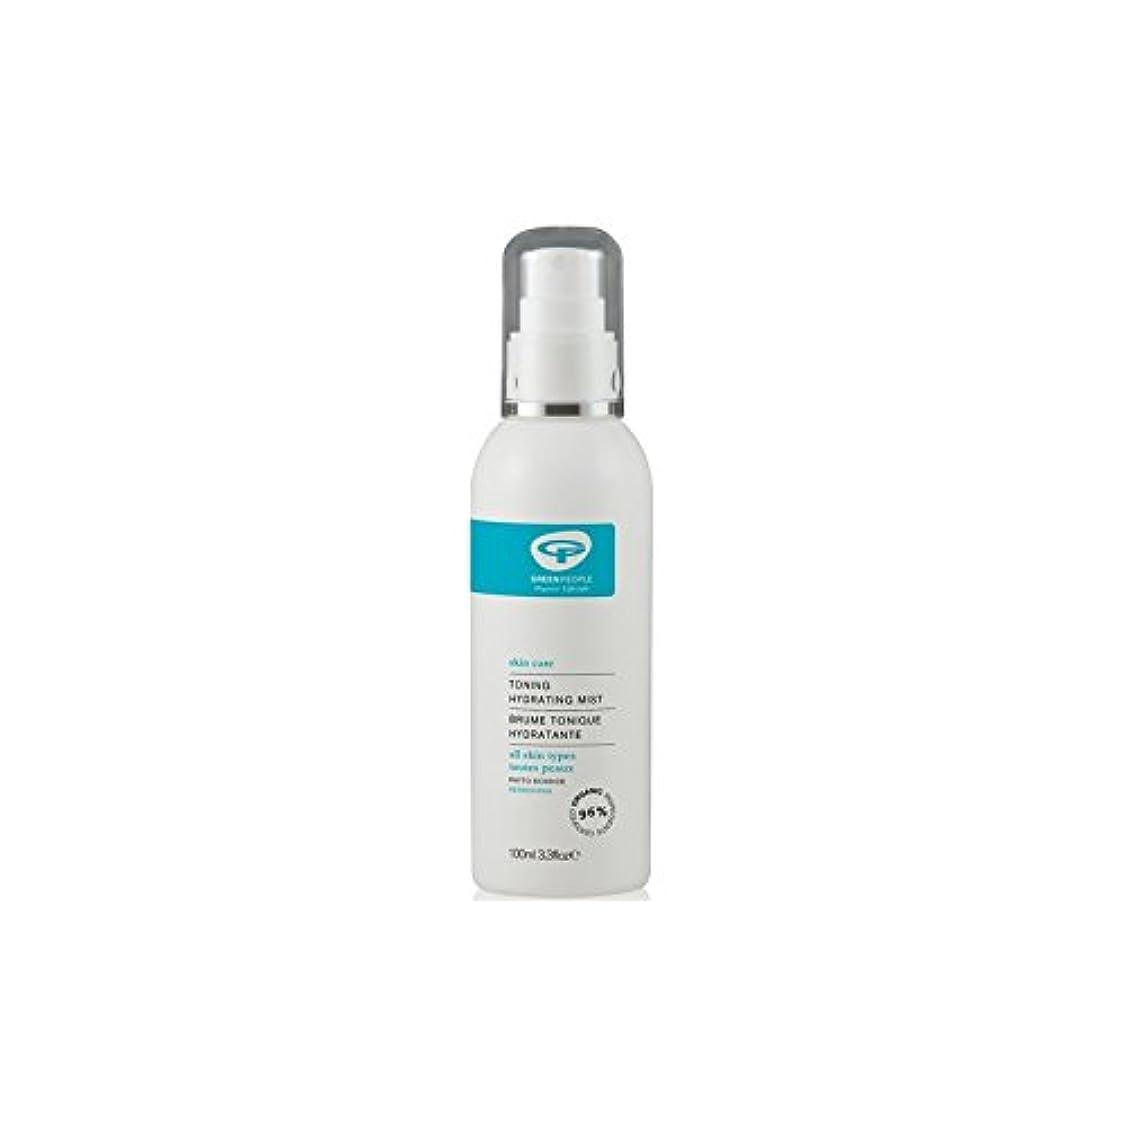 不良品小売エーカーGreen People Toning Hydrating Mist (100ml) (Pack of 6) - 水和ミスト調色緑人(100ミリリットル) x6 [並行輸入品]